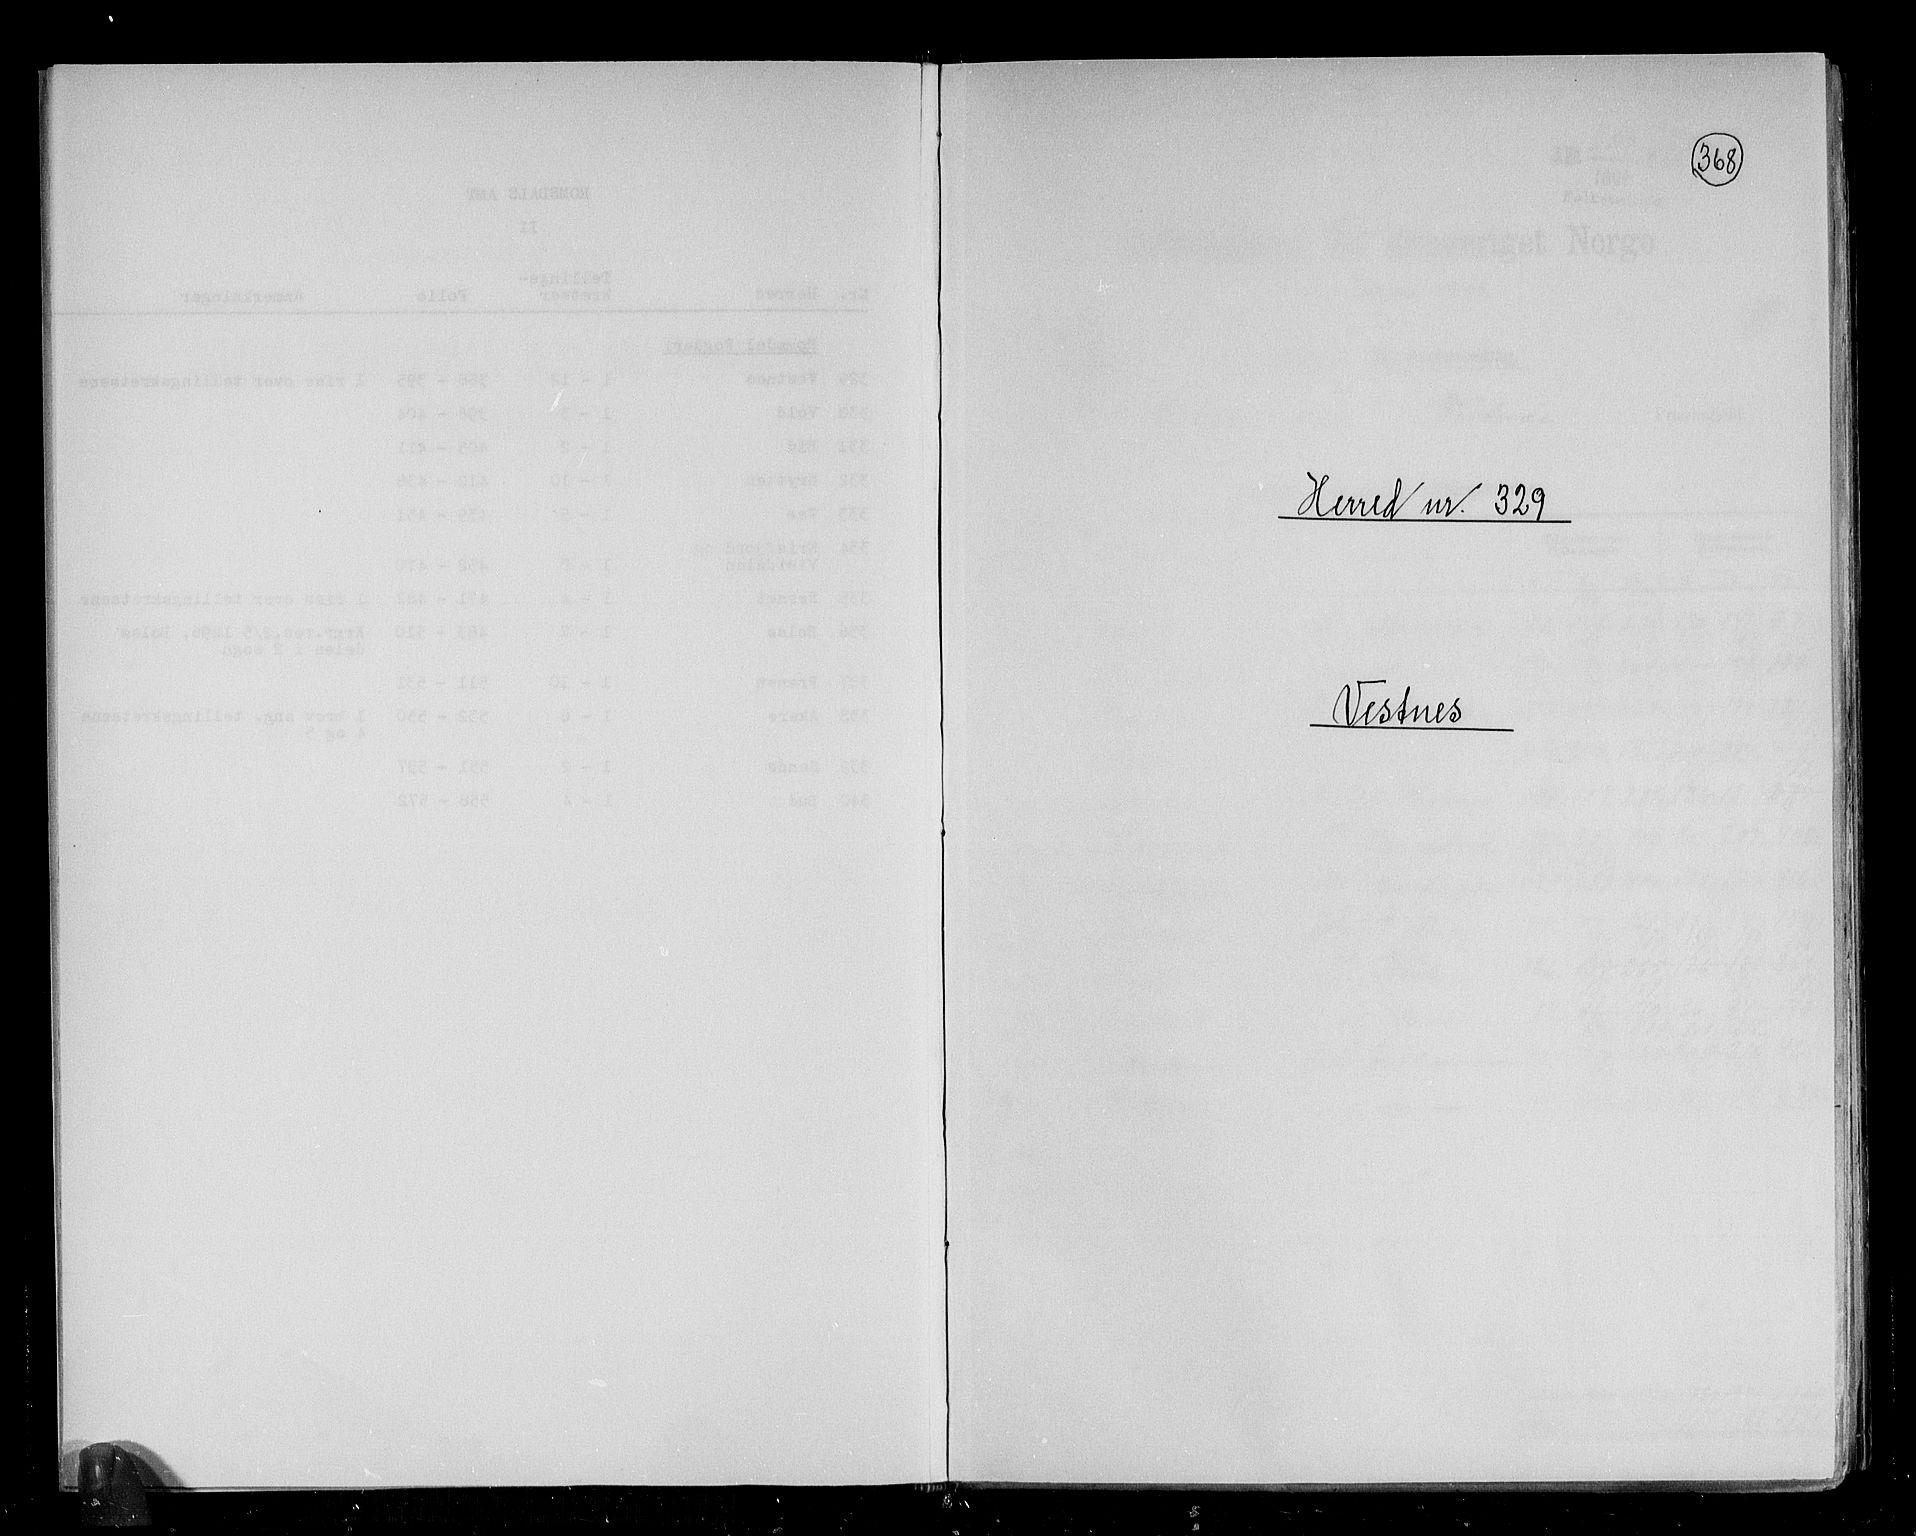 RA, Folketelling 1891 for 1535 Vestnes herred, 1891, s. 1